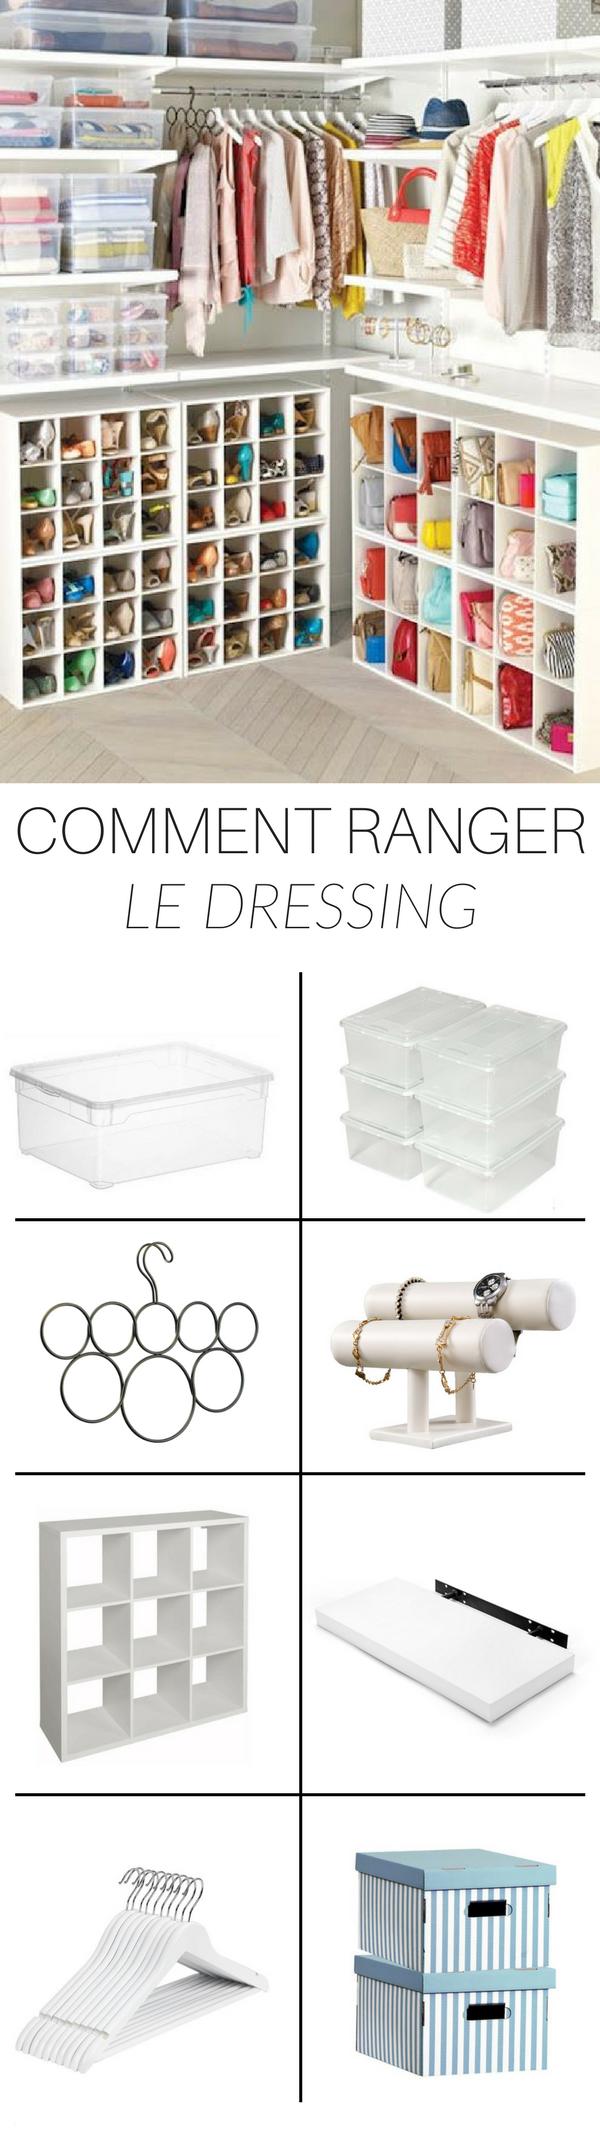 La Checklist Pour Organiser Et Ranger Vos Armoires Et Votre Dressing Etapes Astuces Indispensables Rangement Dressing Idee Rangement Rangement